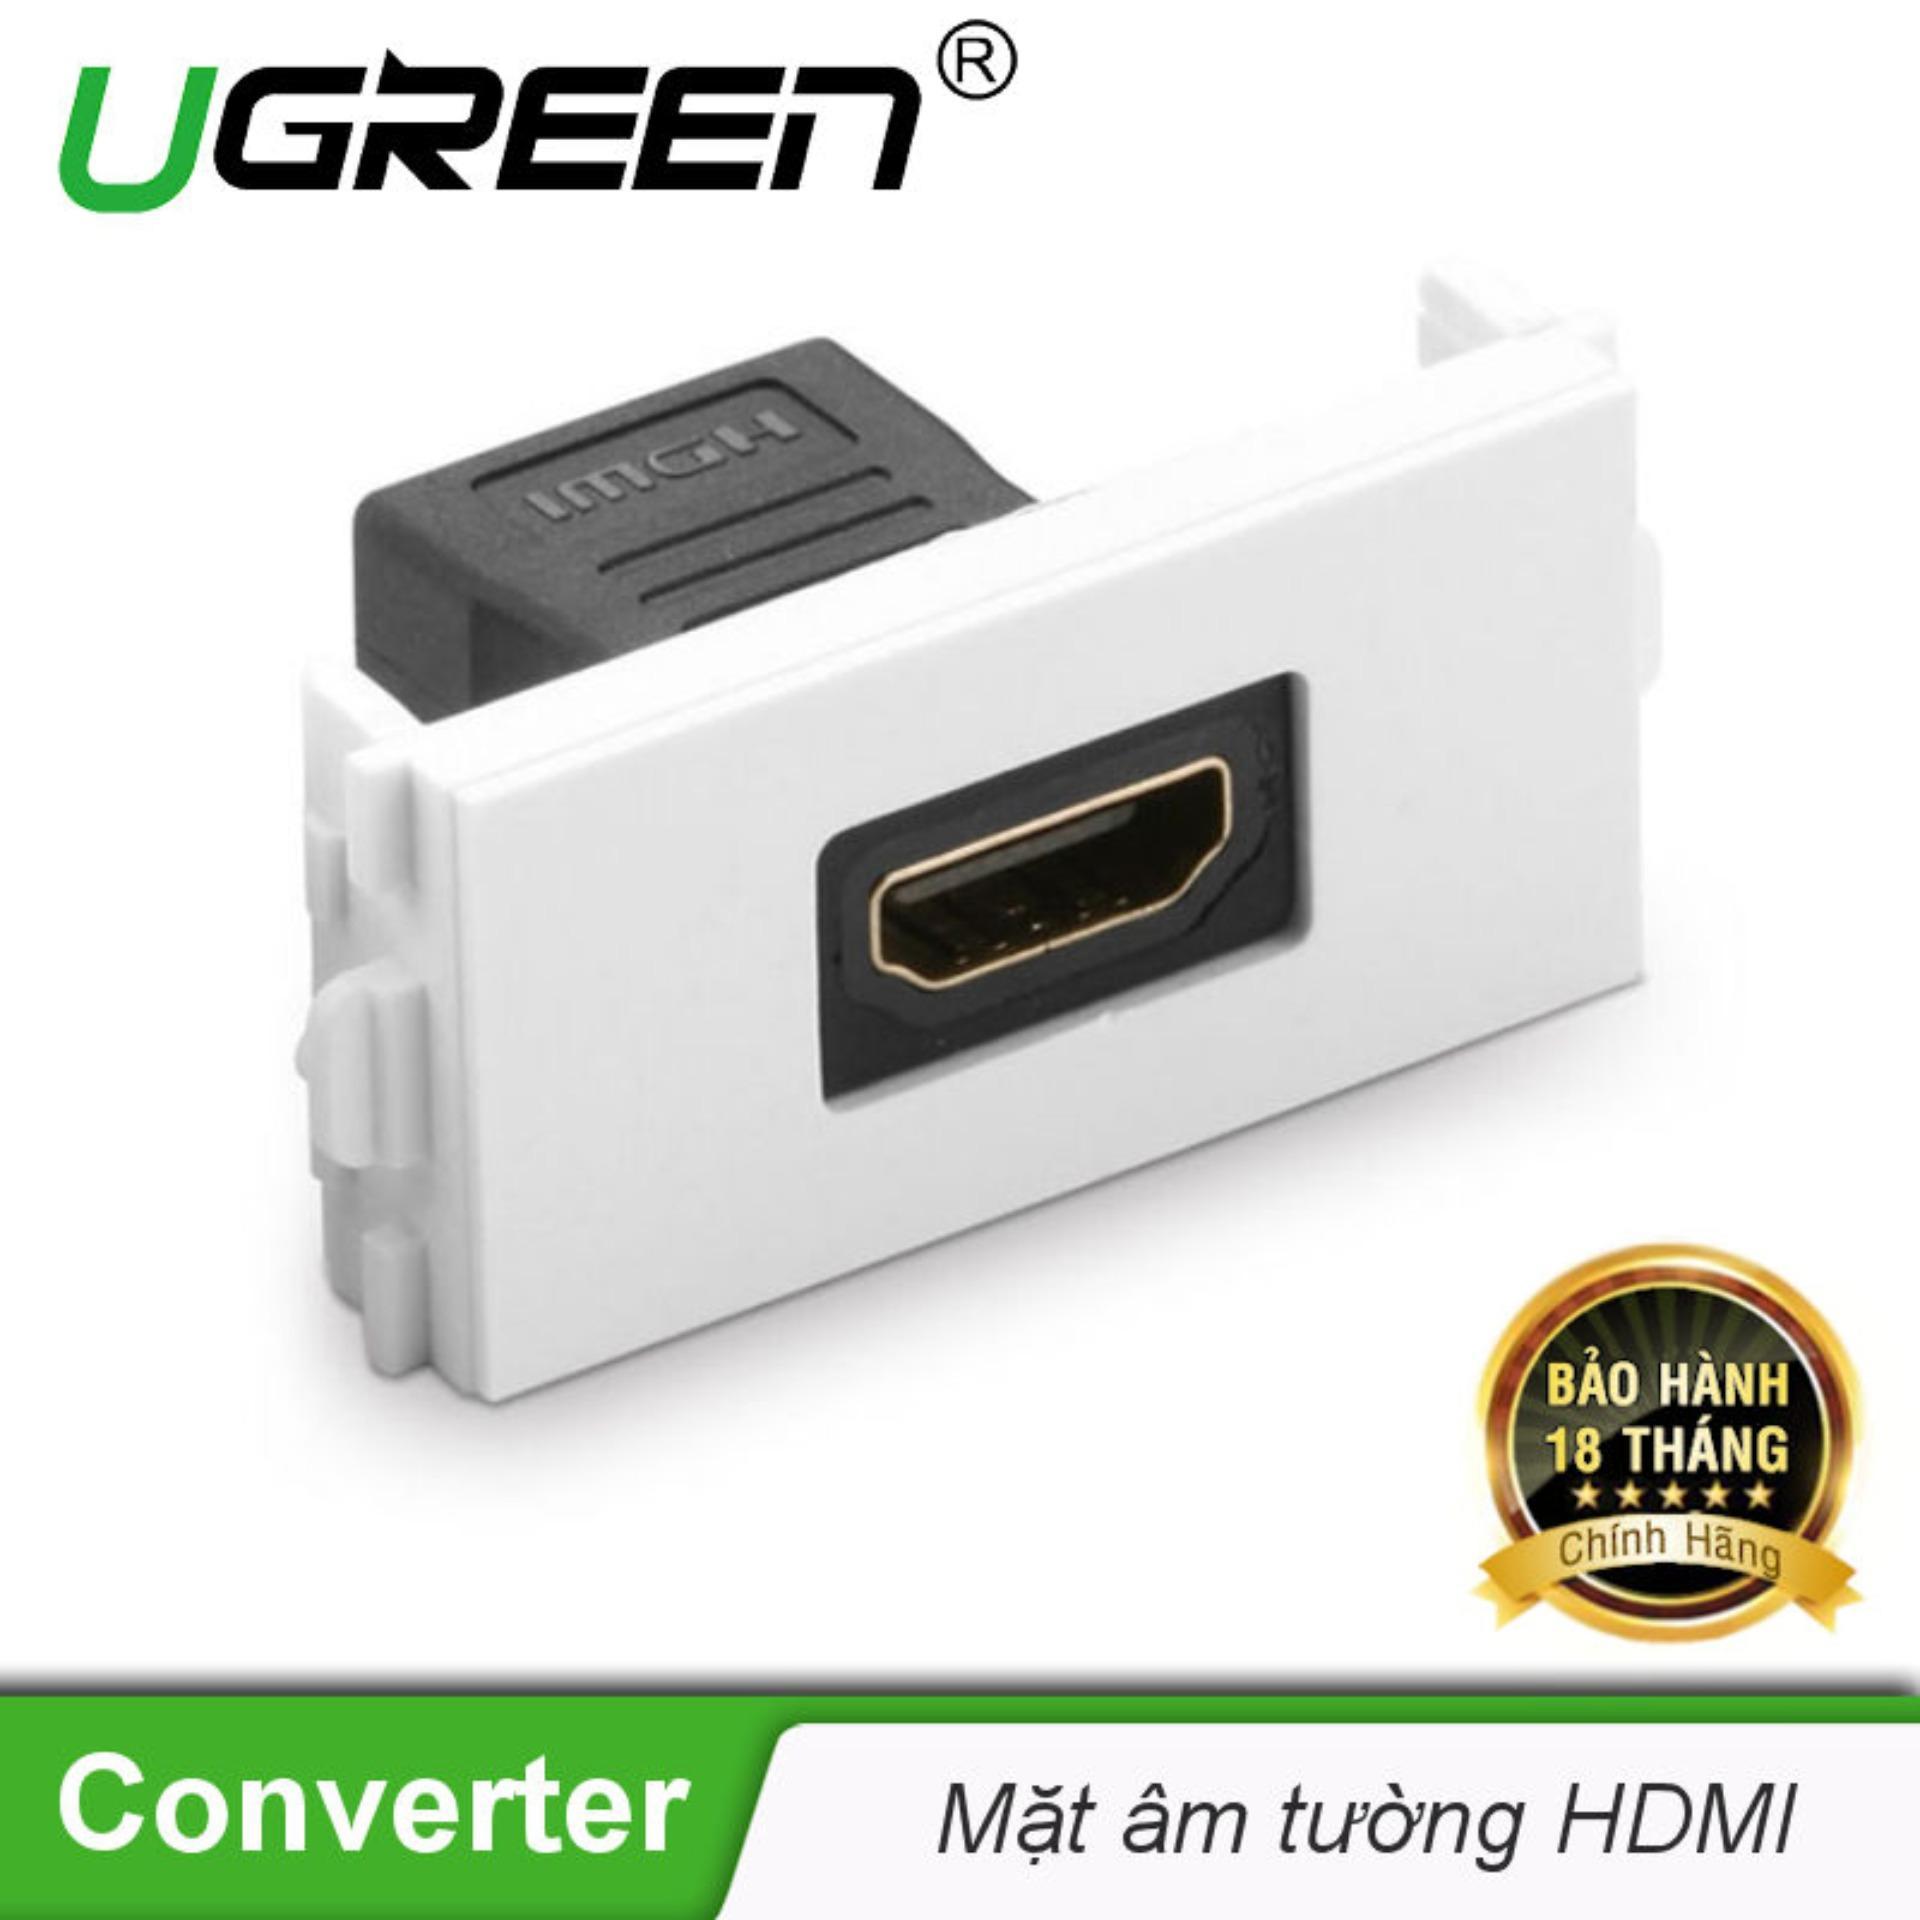 Hình ảnh Đế HDMI âm tường UGREEN MM113 20317 - Hãng phân phối chính thức